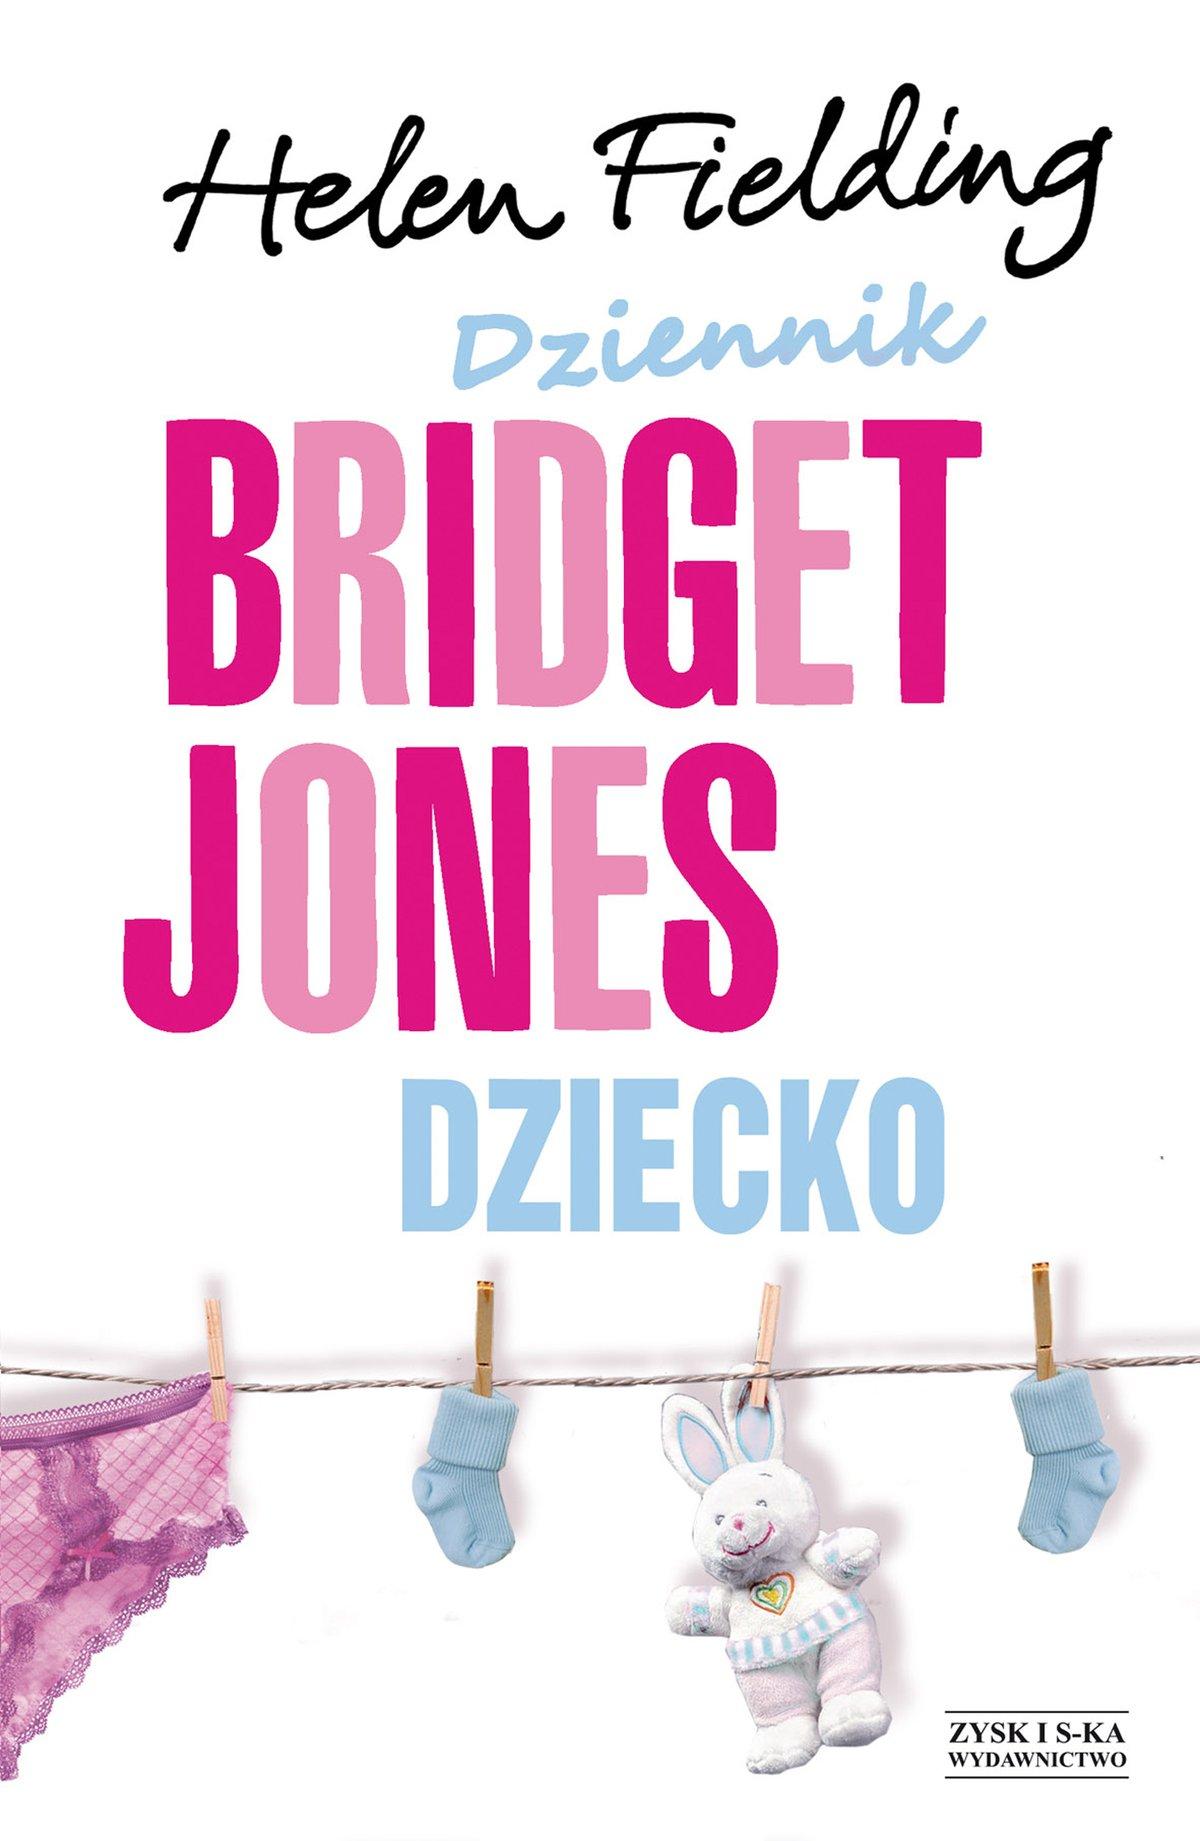 Dziennik Bridget Jones. Dziecko - Ebook (Książka na Kindle) do pobrania w formacie MOBI